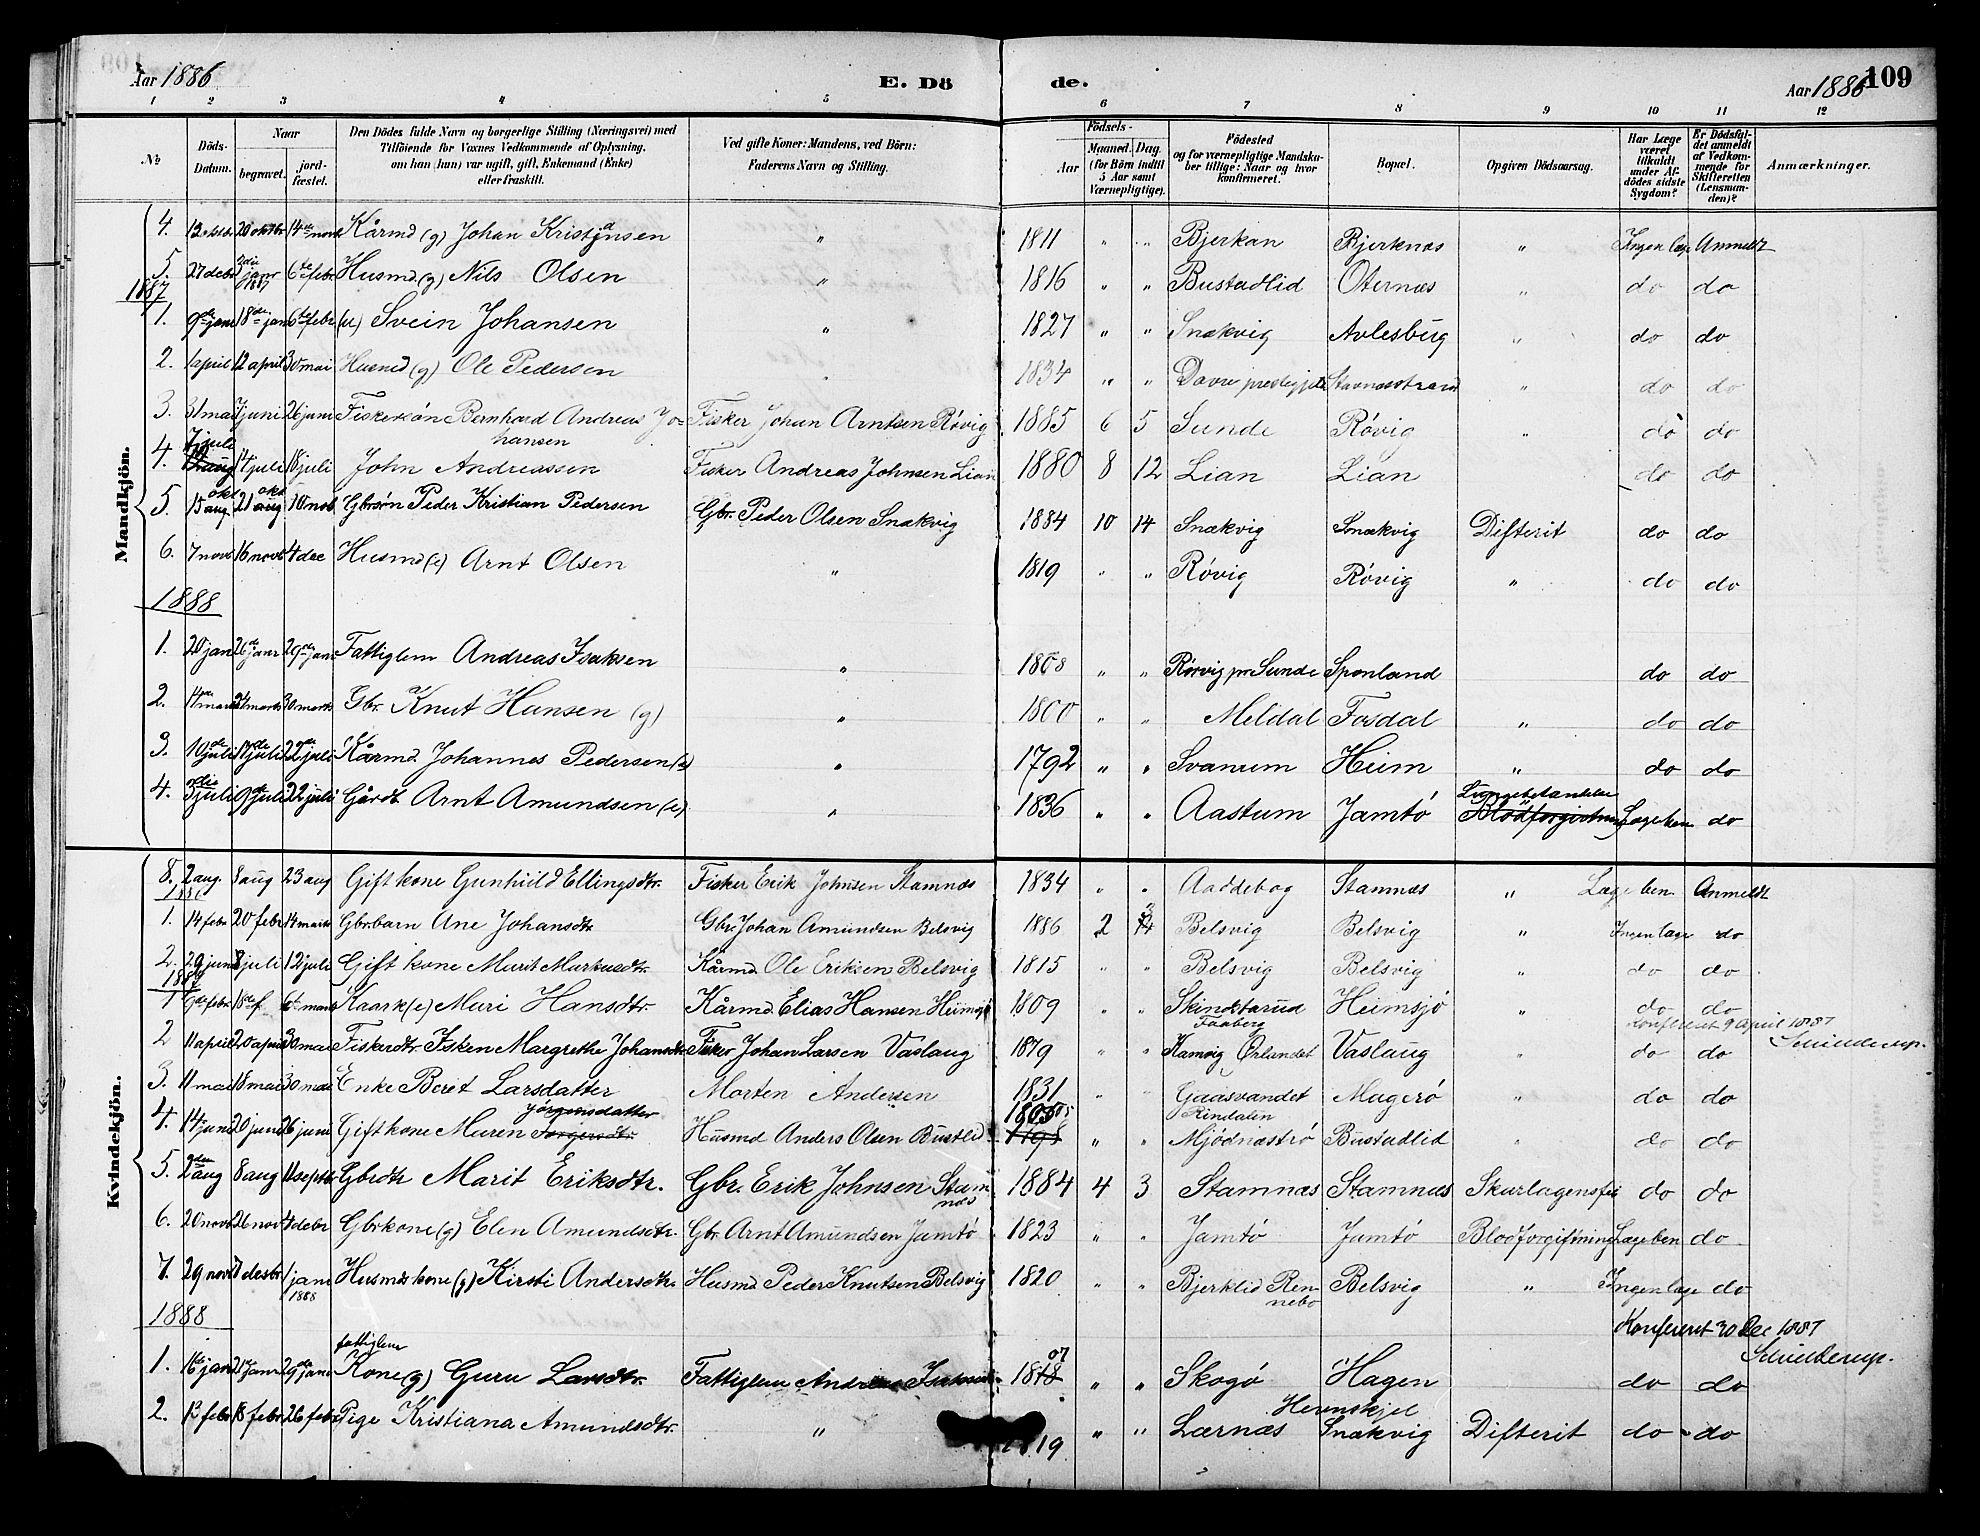 SAT, Ministerialprotokoller, klokkerbøker og fødselsregistre - Sør-Trøndelag, 633/L0519: Klokkerbok nr. 633C01, 1884-1905, s. 109